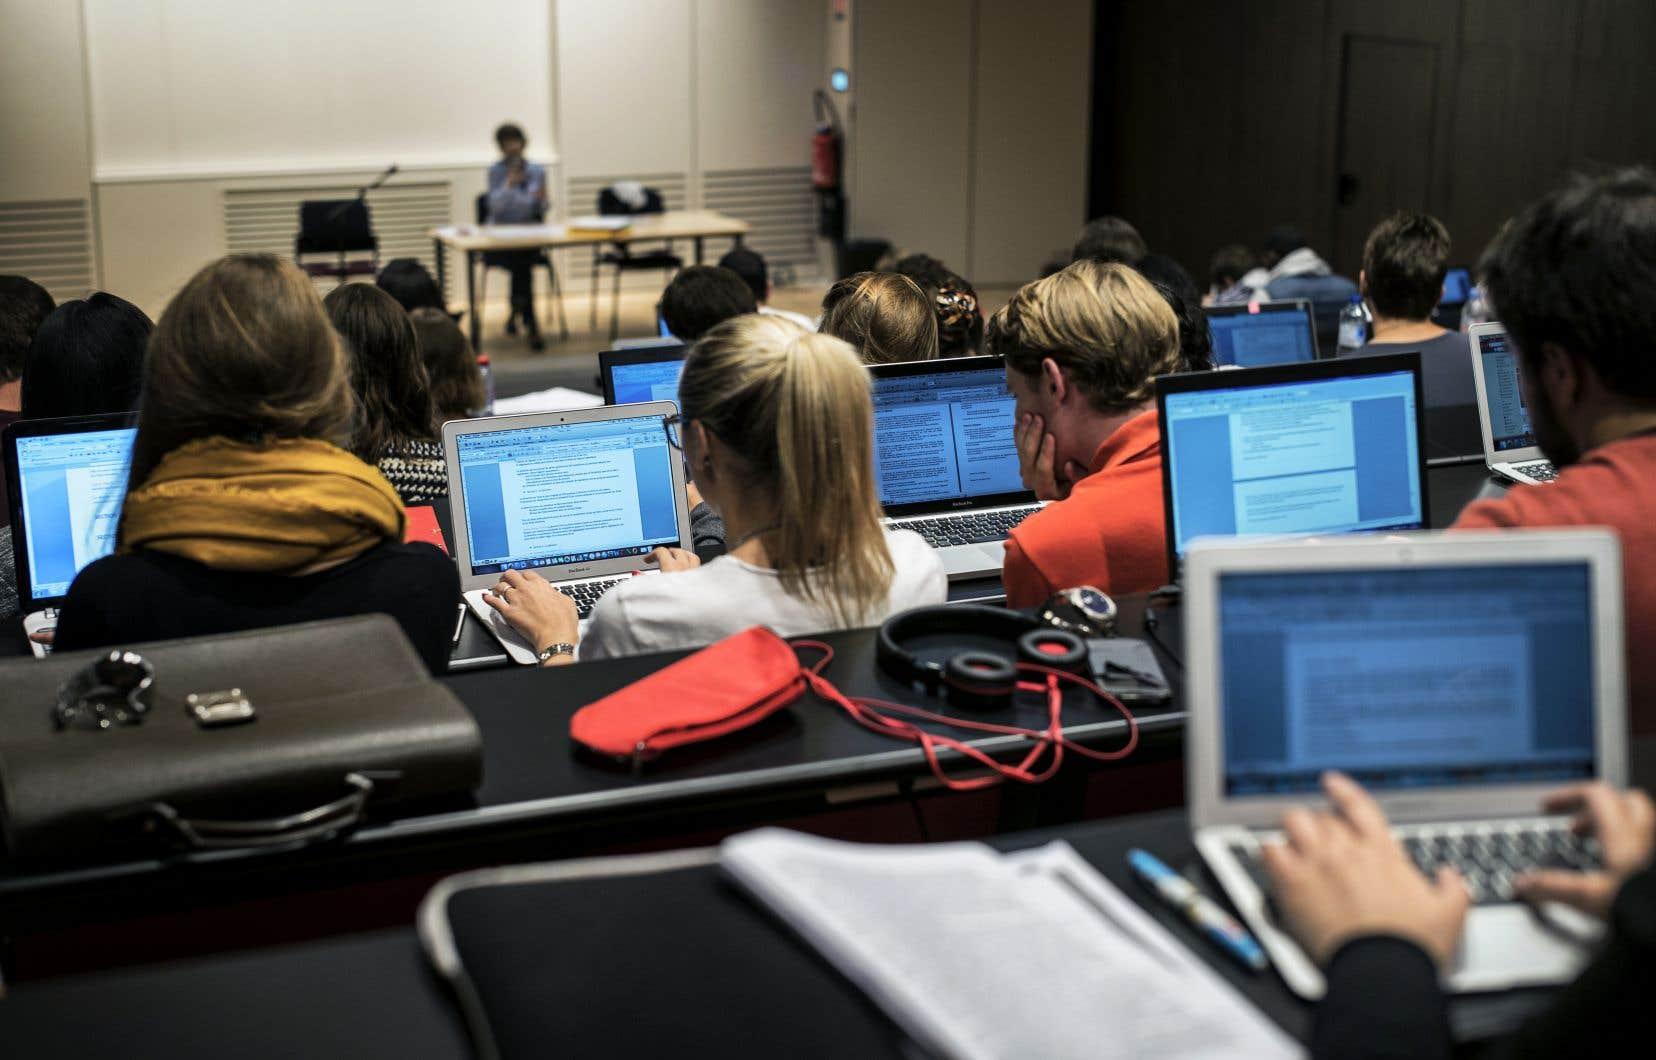 «Une université ou un cours est parfois le seul lieu où un individu peut s'exprimer en français dans son quotidien», écrivent les auteurs.